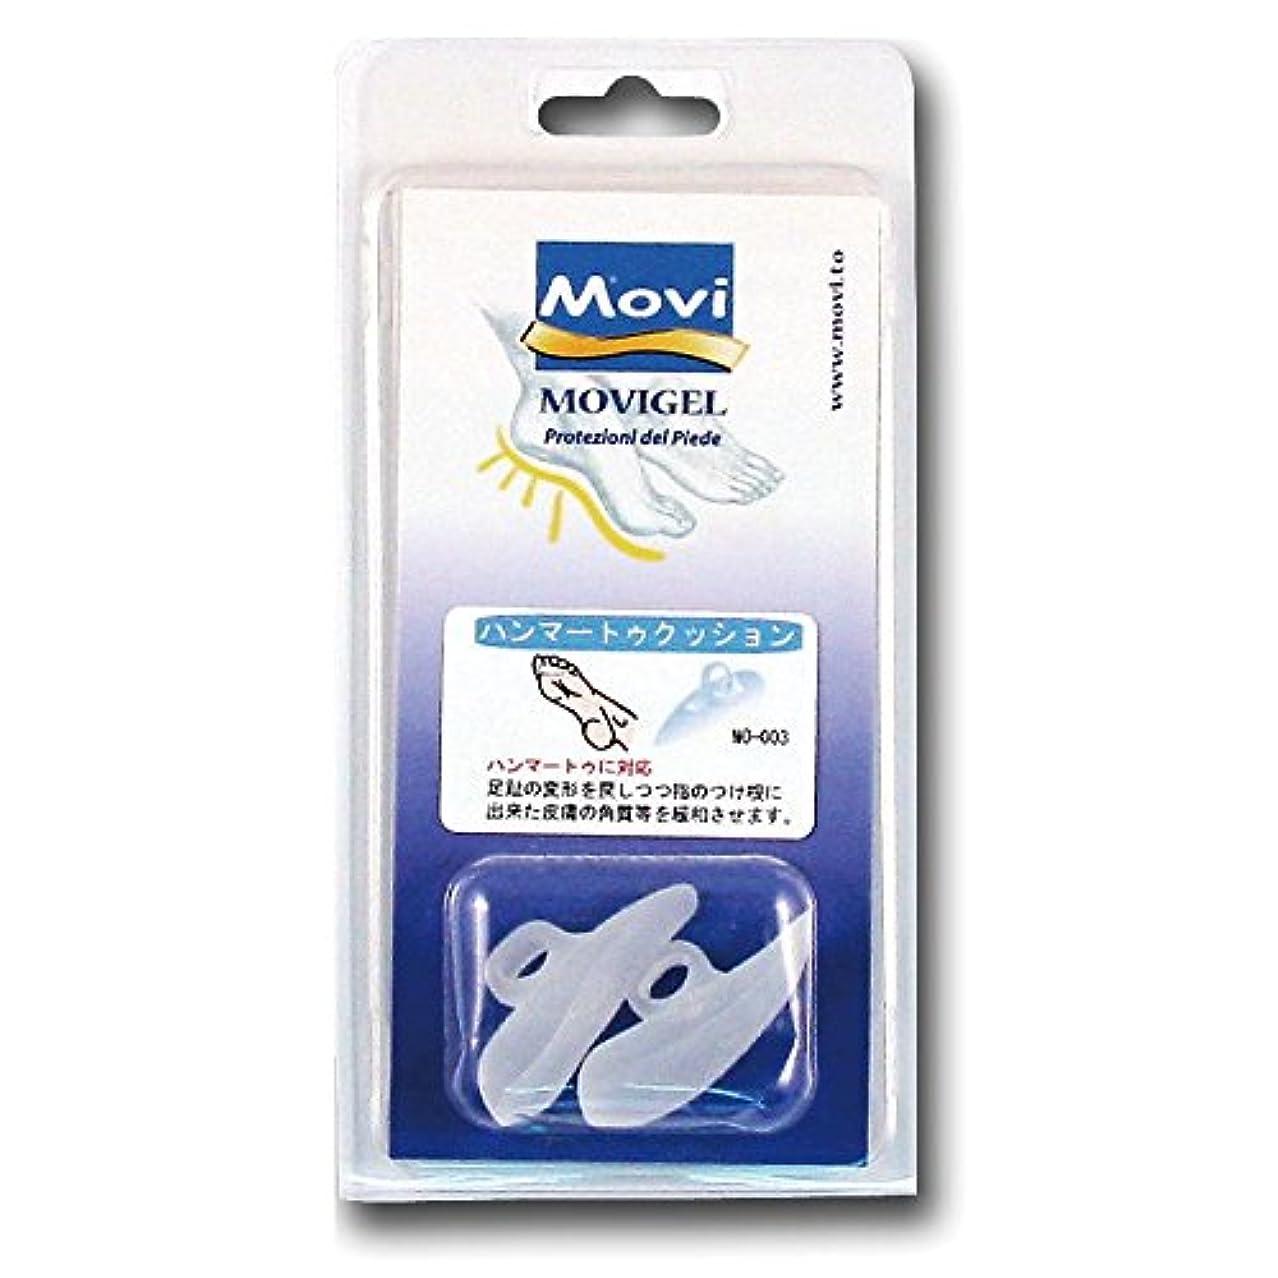 飛行場薄める熱心MOVI GEL(モビフットケアシリーズ) サポートパッド ハンマートゥクッション MO-003